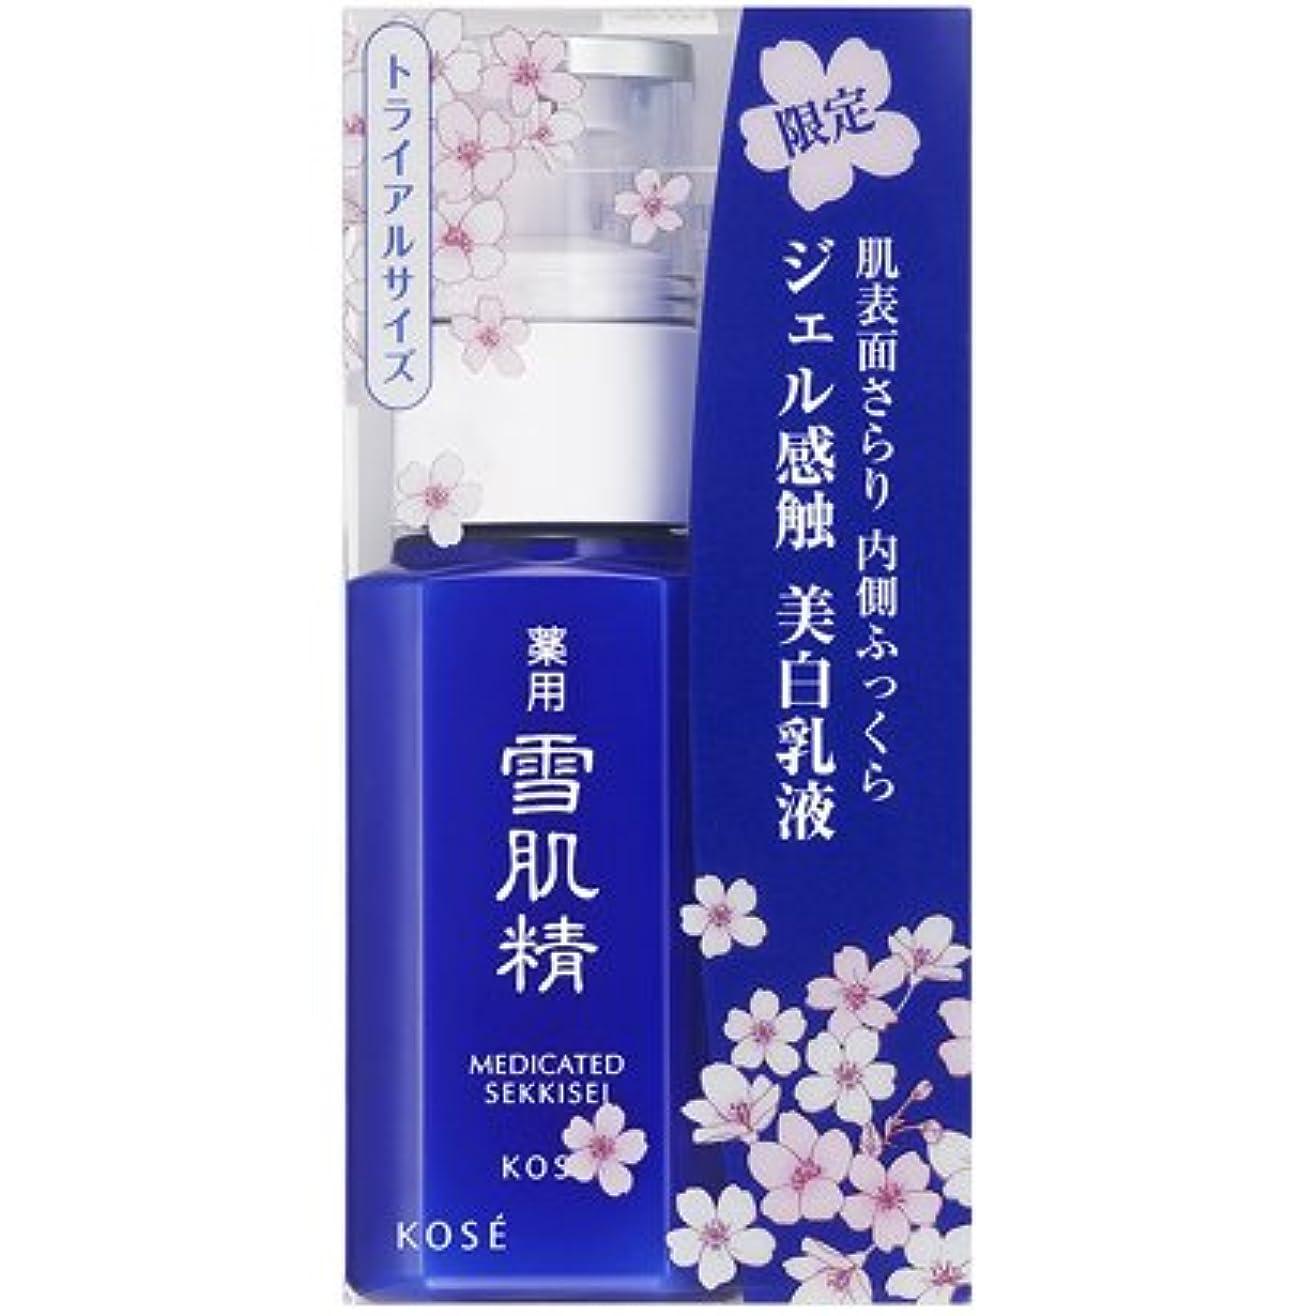 オペレーター鋼黒板コーセー 薬用 雪肌精 乳液(ハーフサイズ) 【桜】 70mL